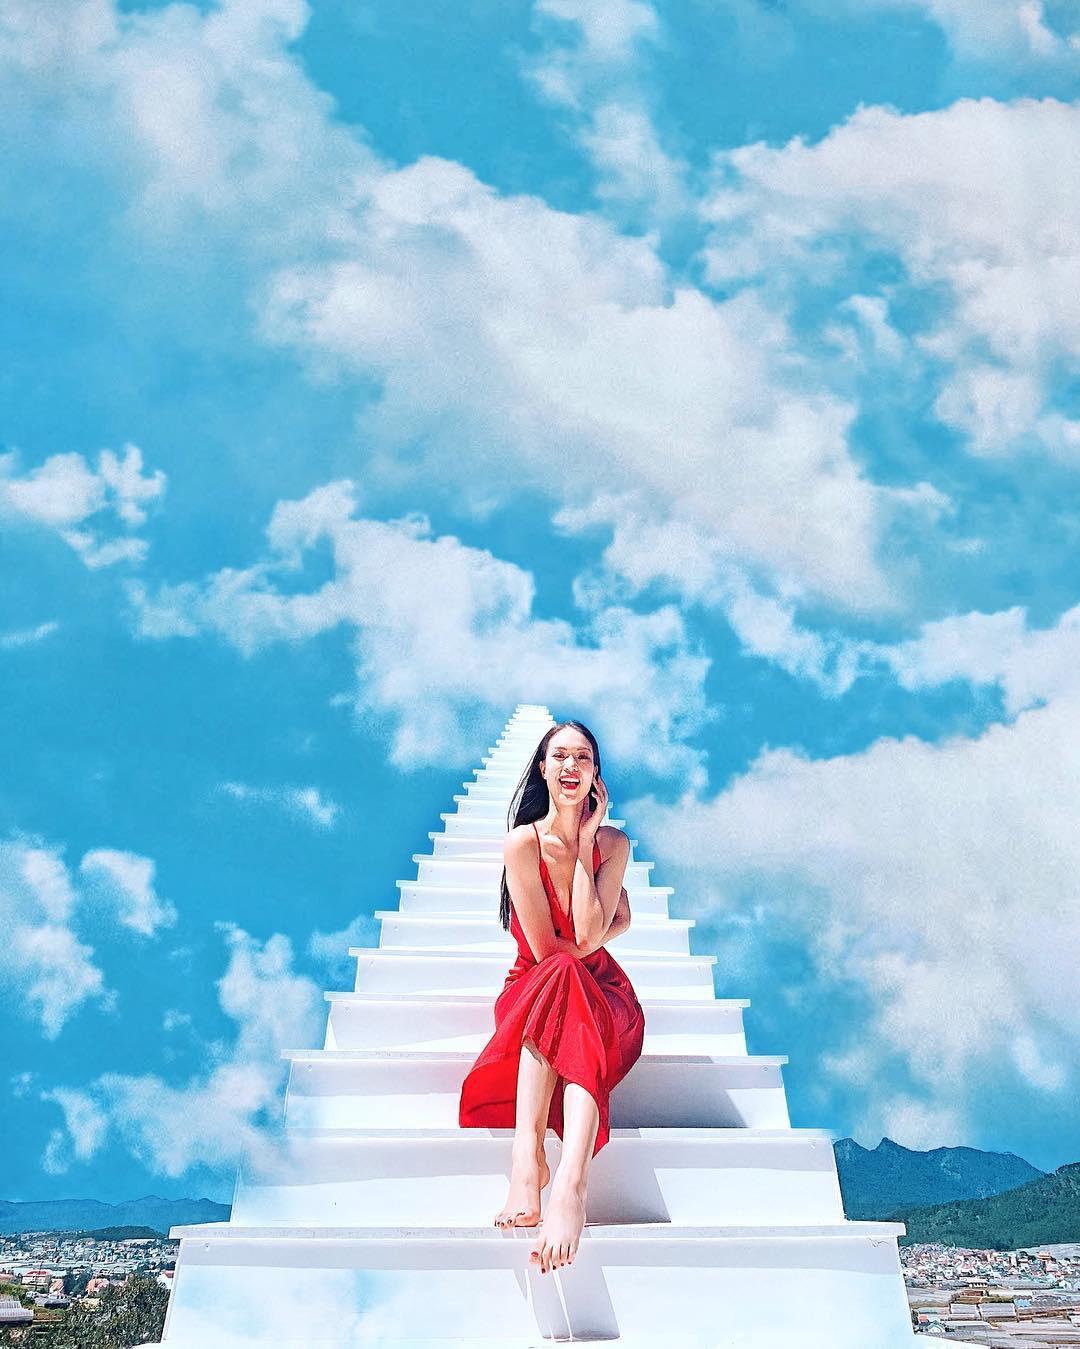 """Nấc thang lên thiên đường: Xuất hiện lần đầu bỗng chốc thành hot trend, nhưng được """"remake"""" quá nhiều lần thì có nhàm không? - Ảnh 4."""